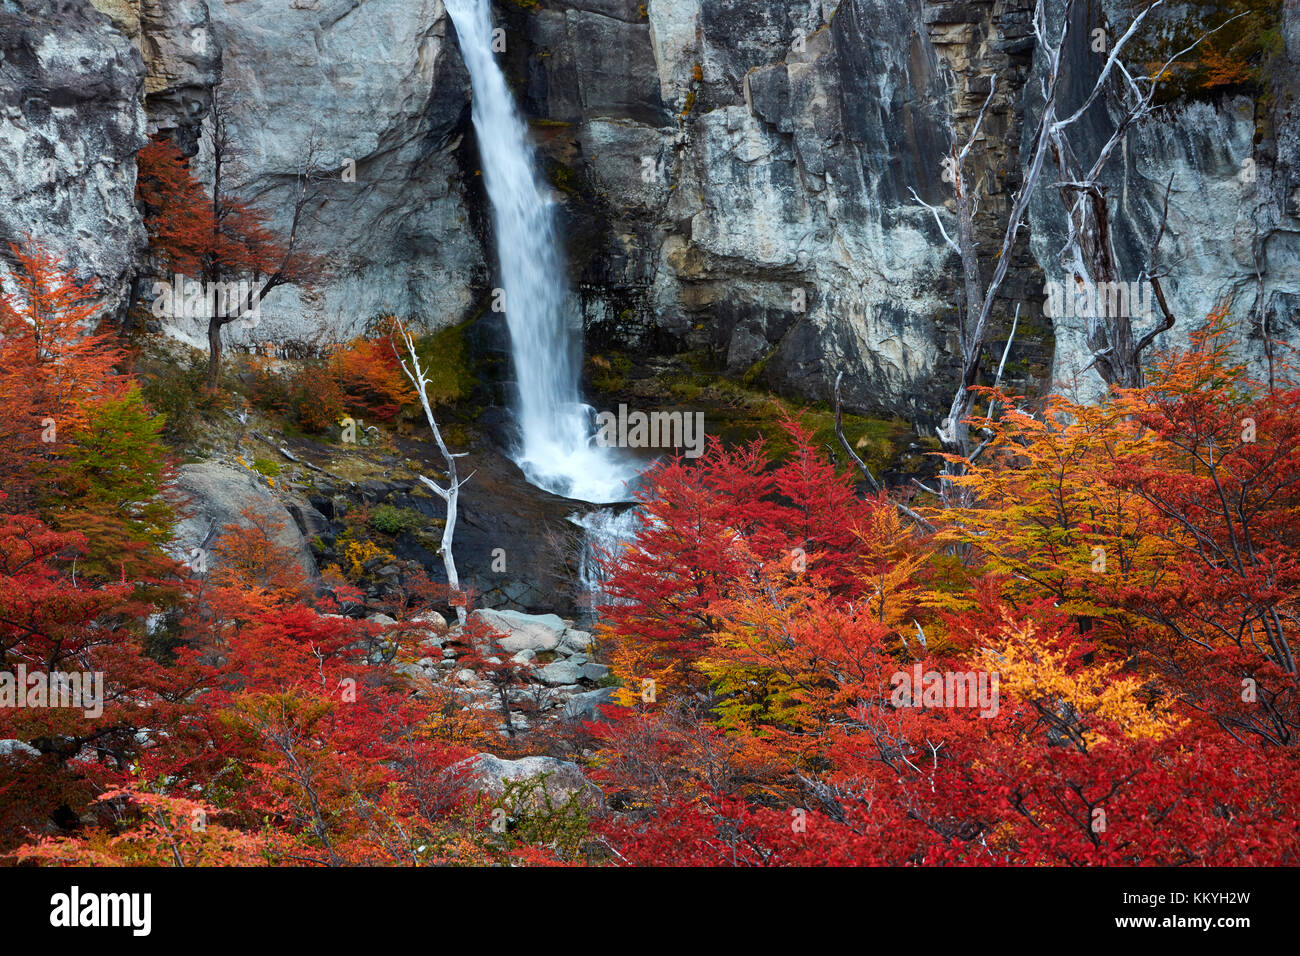 El Chorrillo cascada y lengas en otoño, cerca de El Chaltén, parque nacional Los Glaciares, Patagonia Imagen De Stock